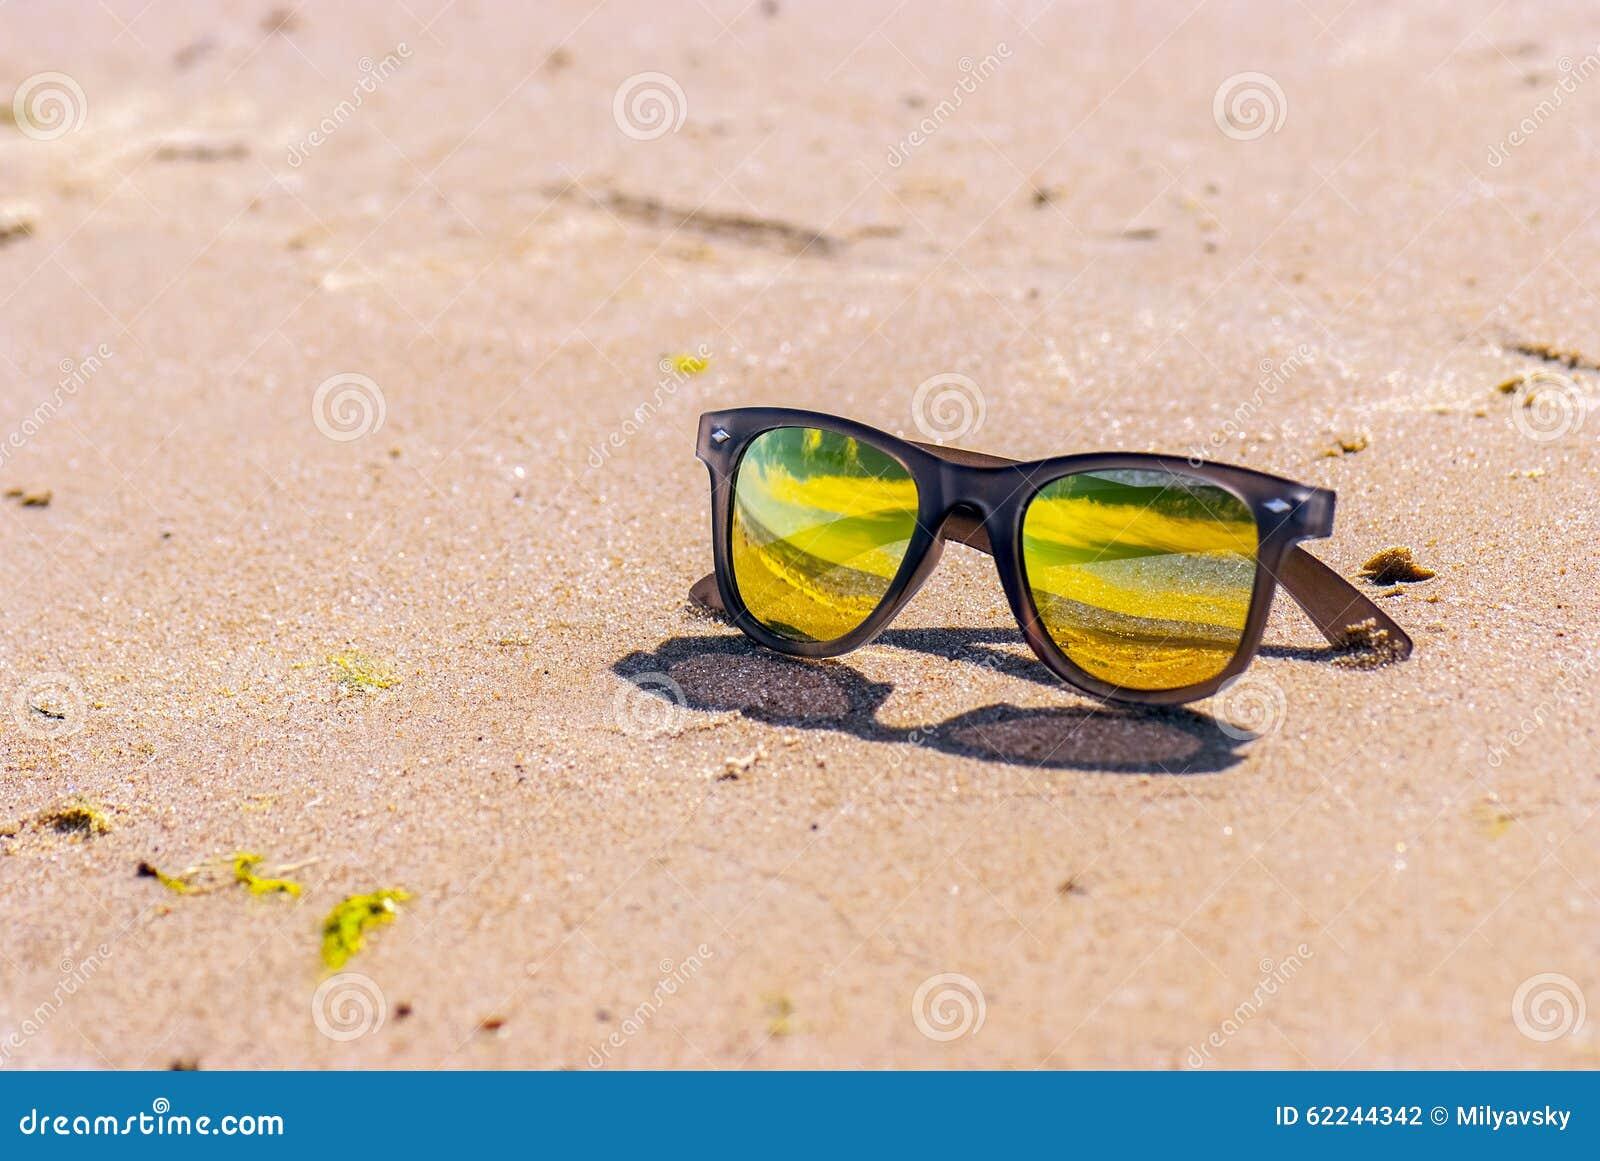 Le ciel est reflété dans des lunettes de soleil, plage